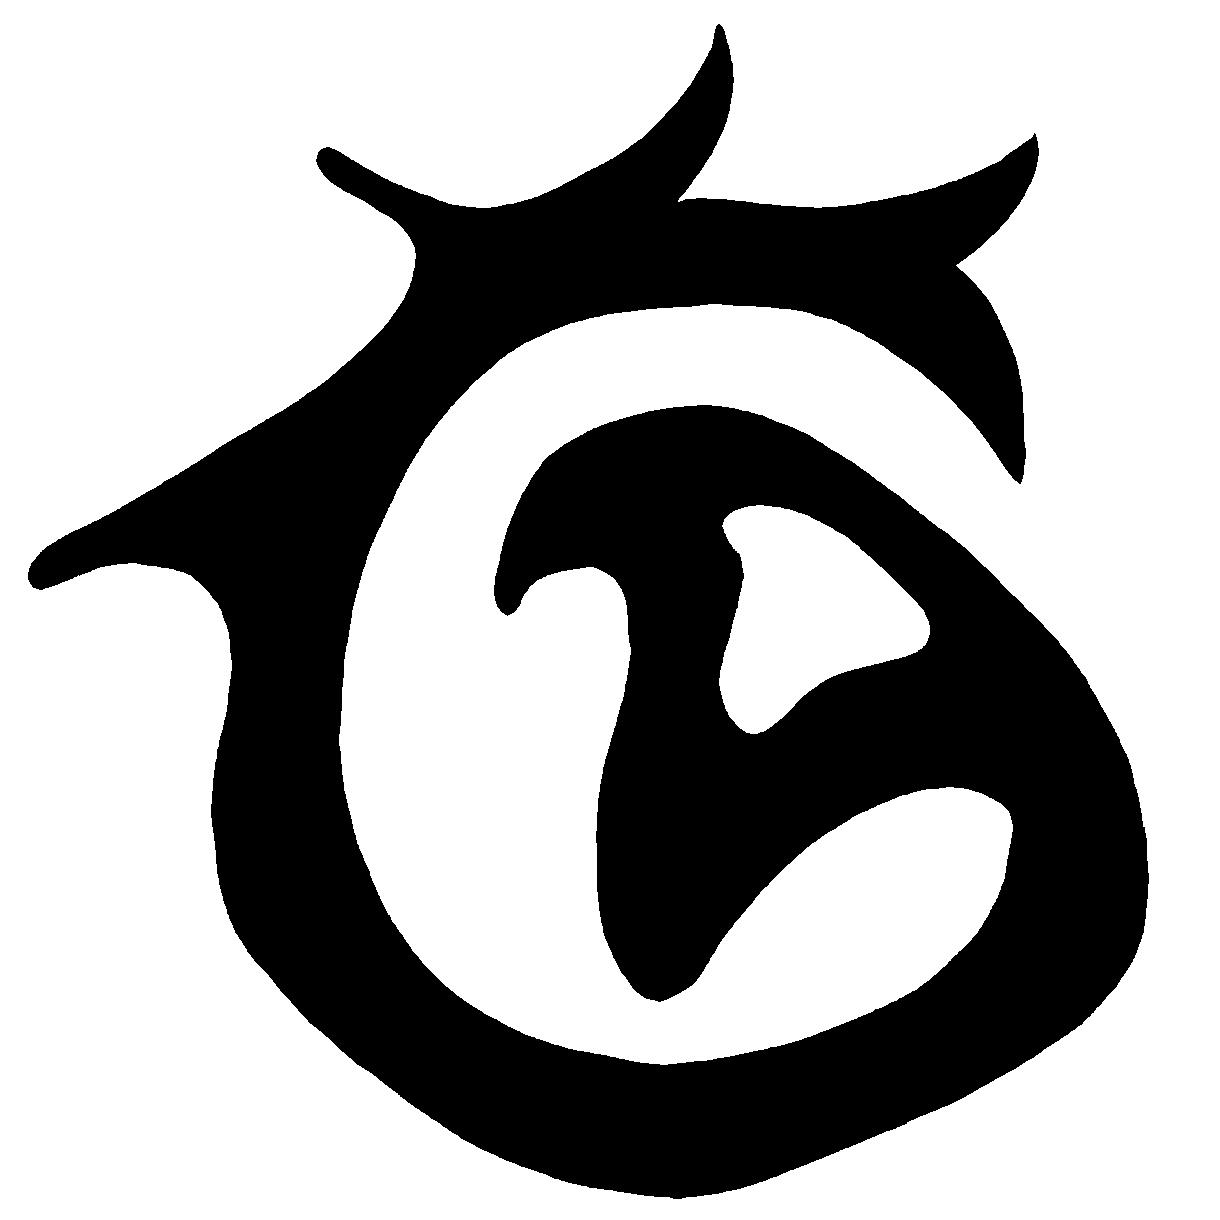 Kastaniestrik